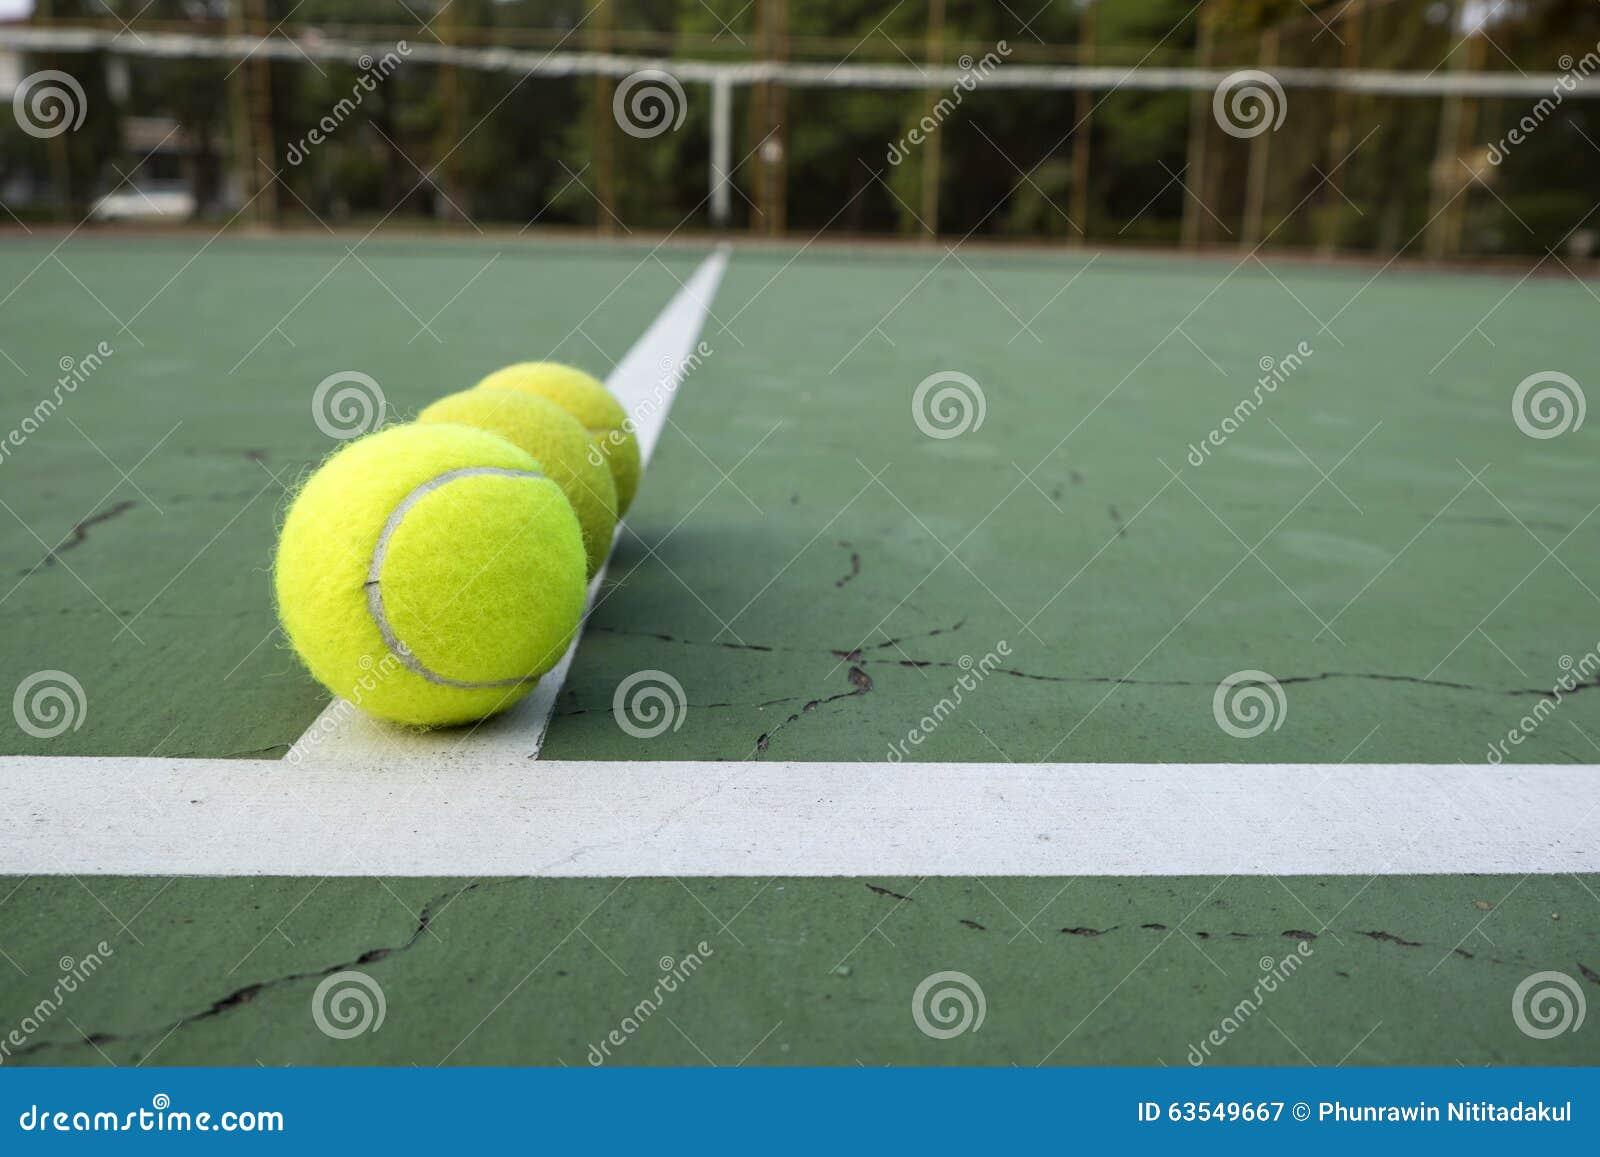 124a961742d9b Balle De Tennis Sur La Cour Verte Image stock - Image du blanc ...